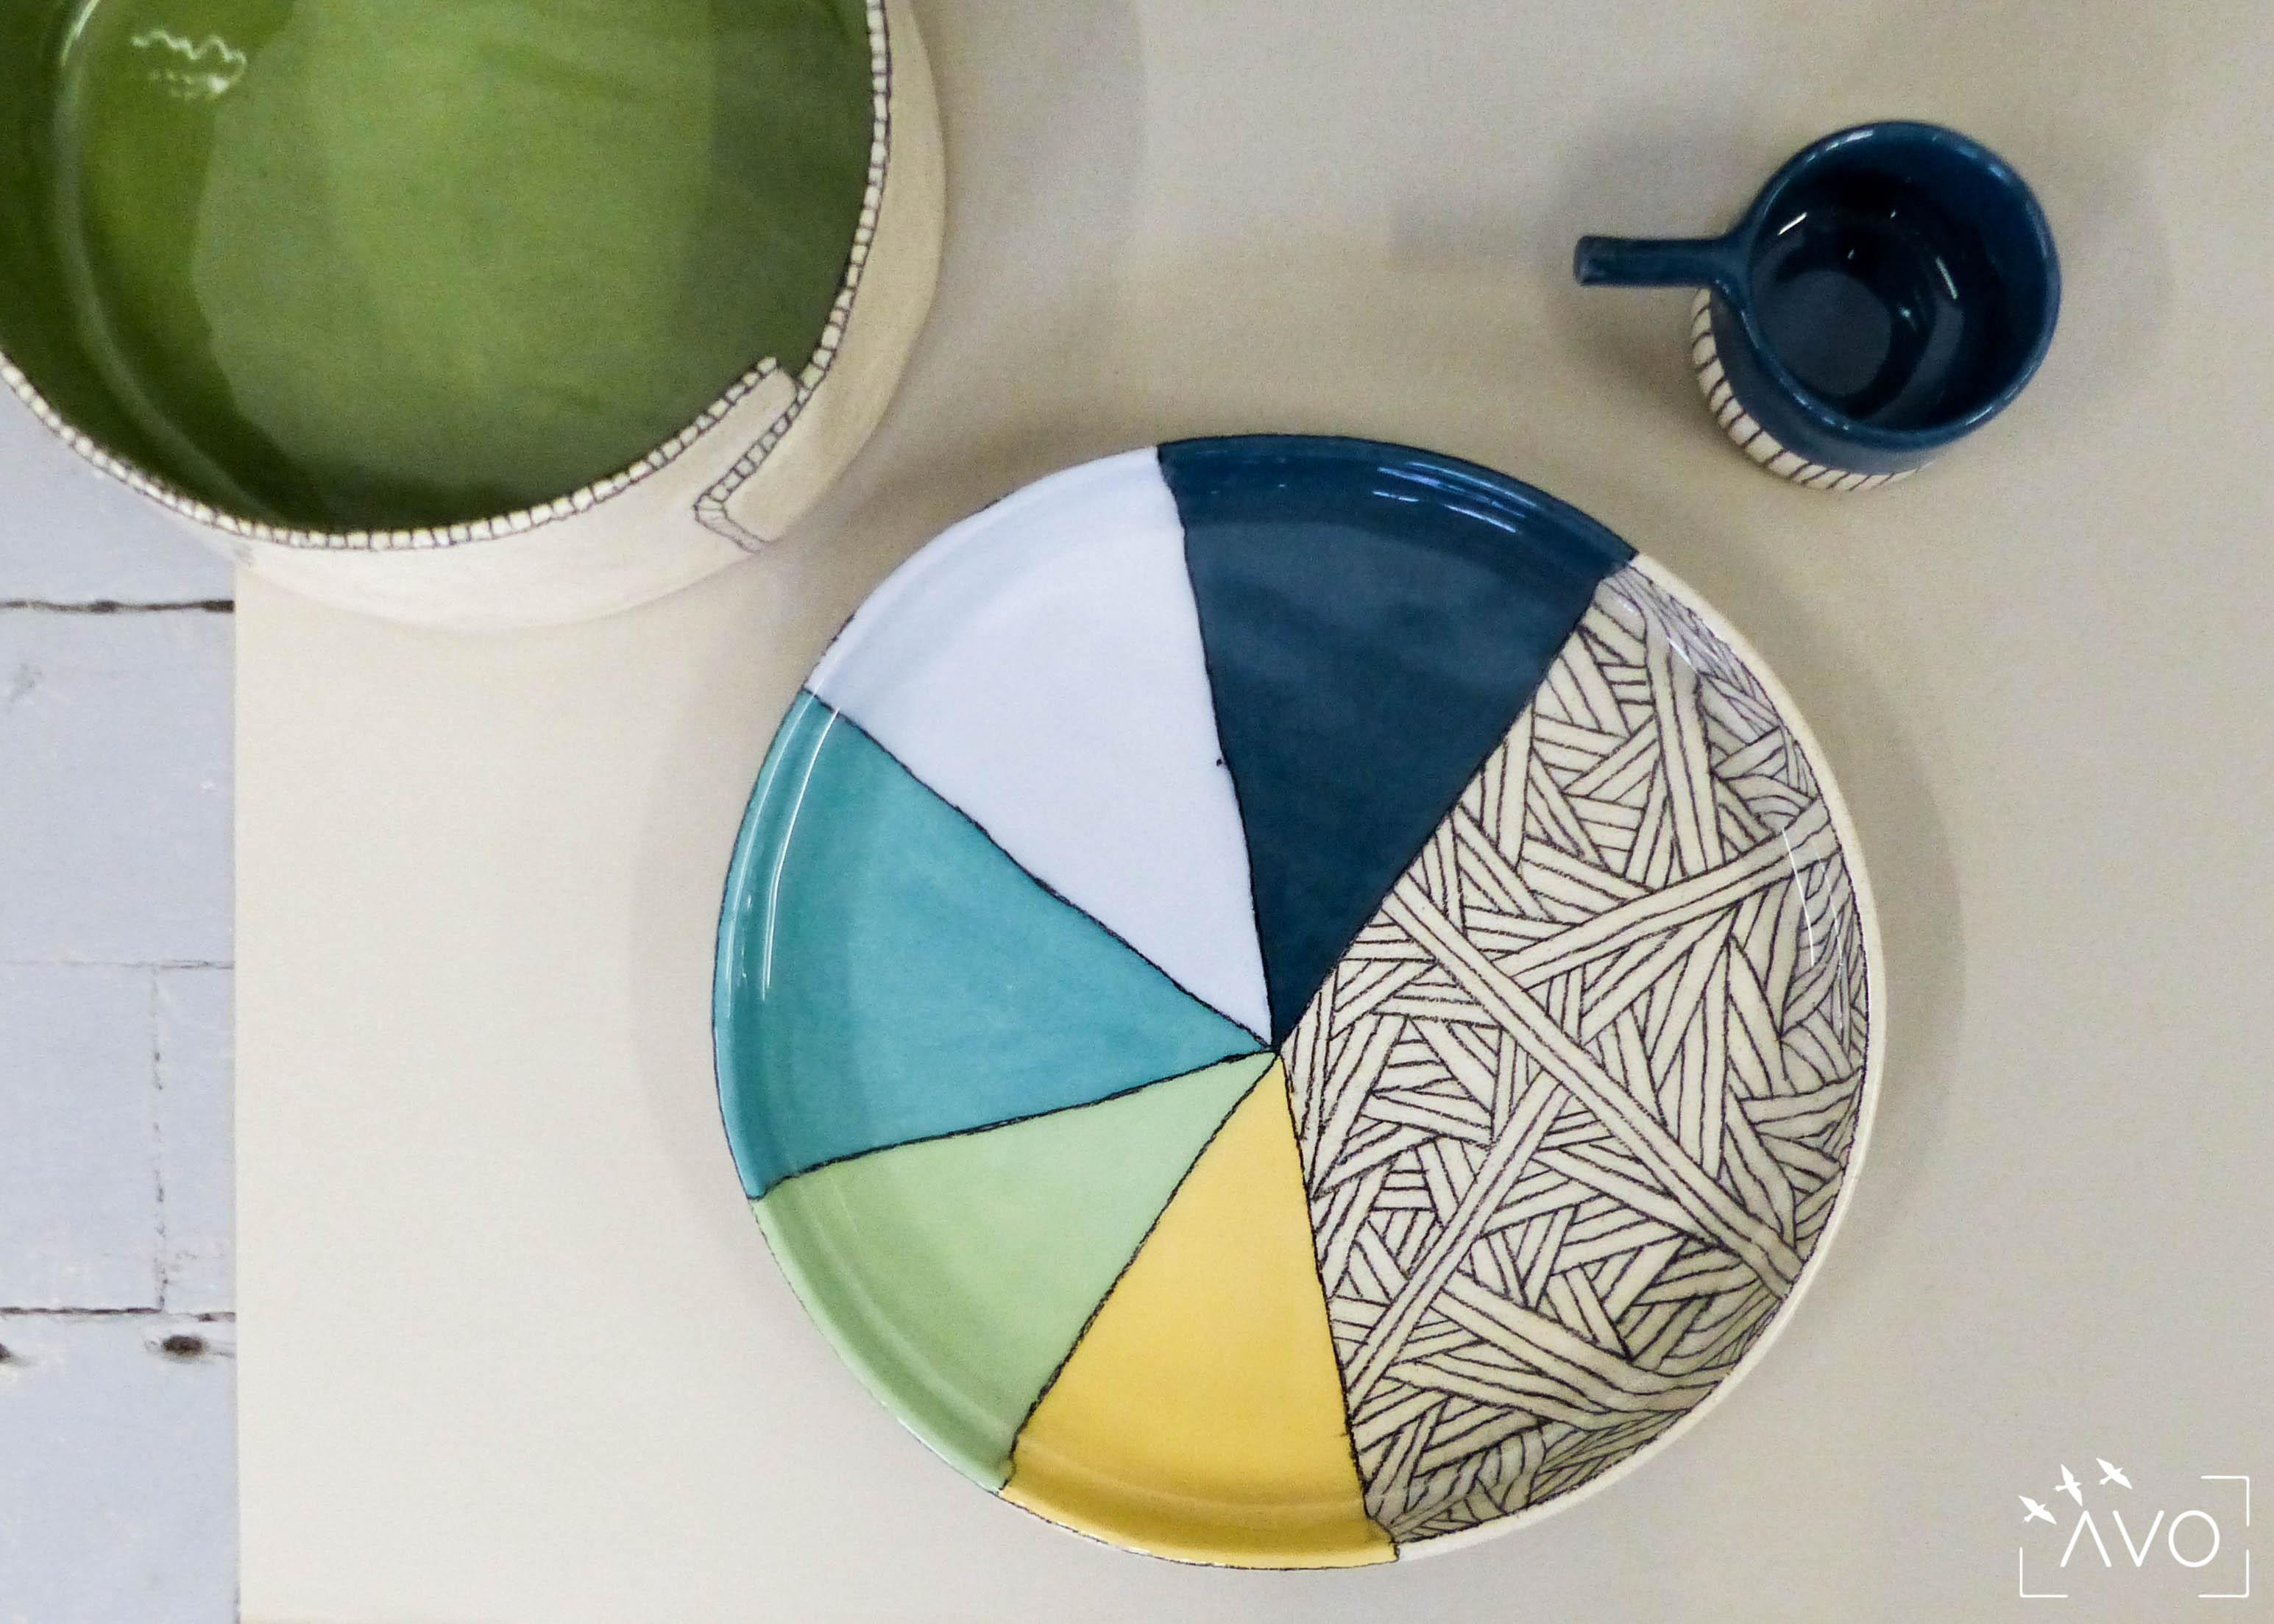 savoir faire ceramique faience decoration bol plat creatrice